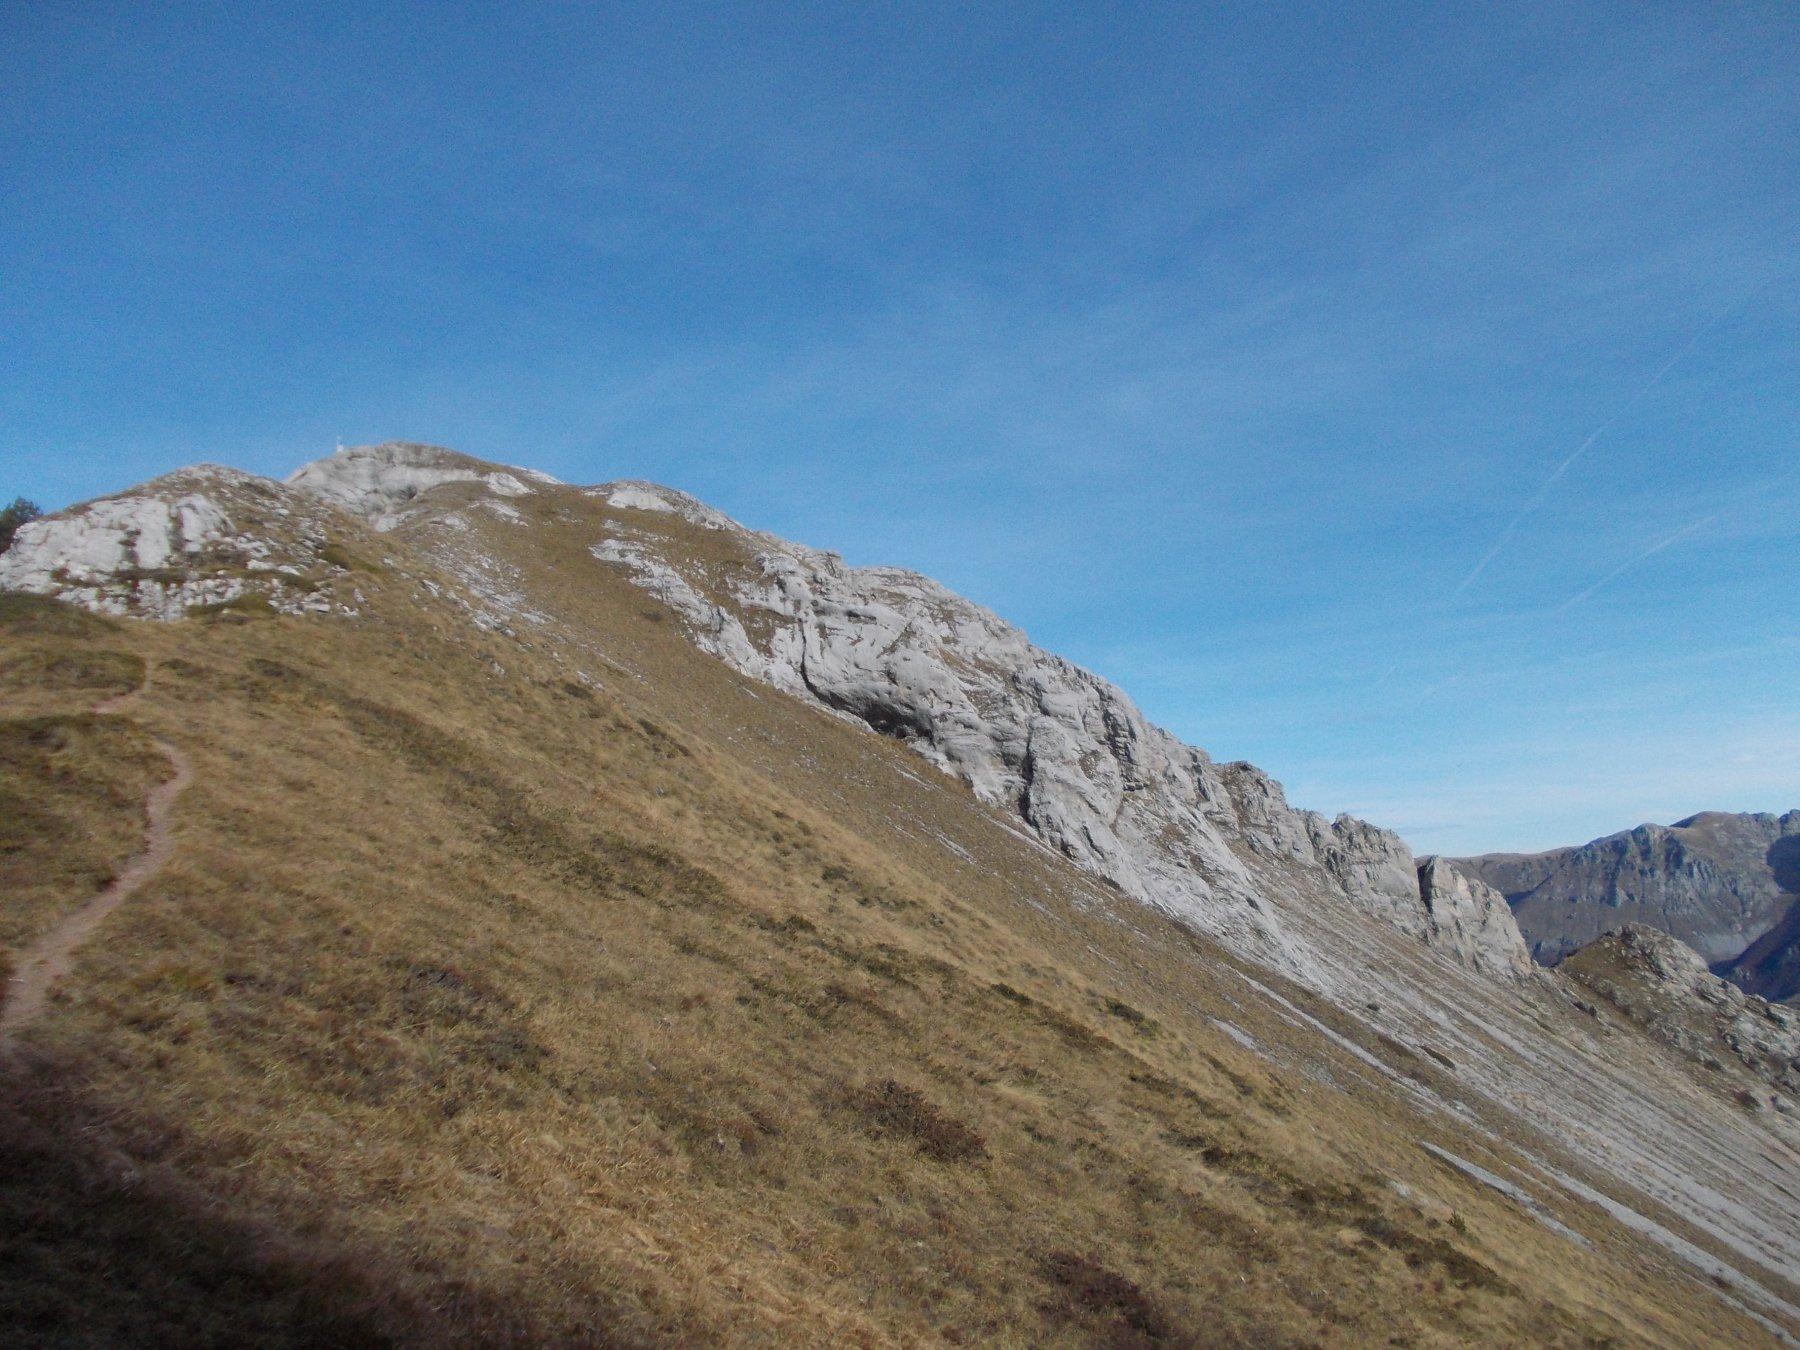 la cresta vista dal col baral